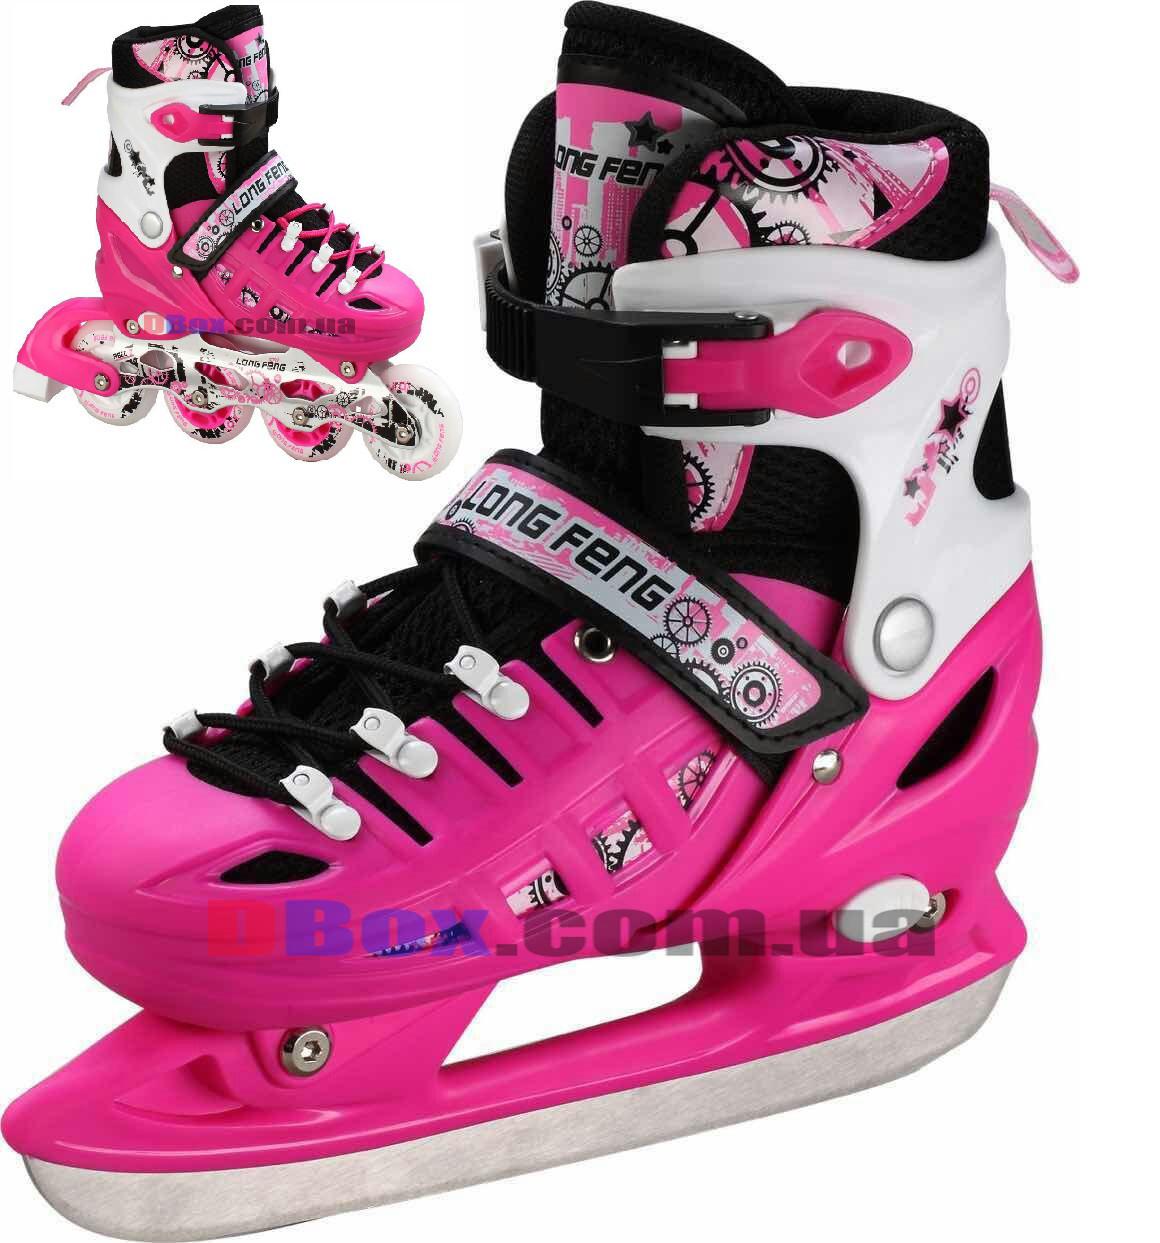 Роликовые коньки детские трансформеры Scale Sports RS - 38-42, Розовые (2T3027-RS)